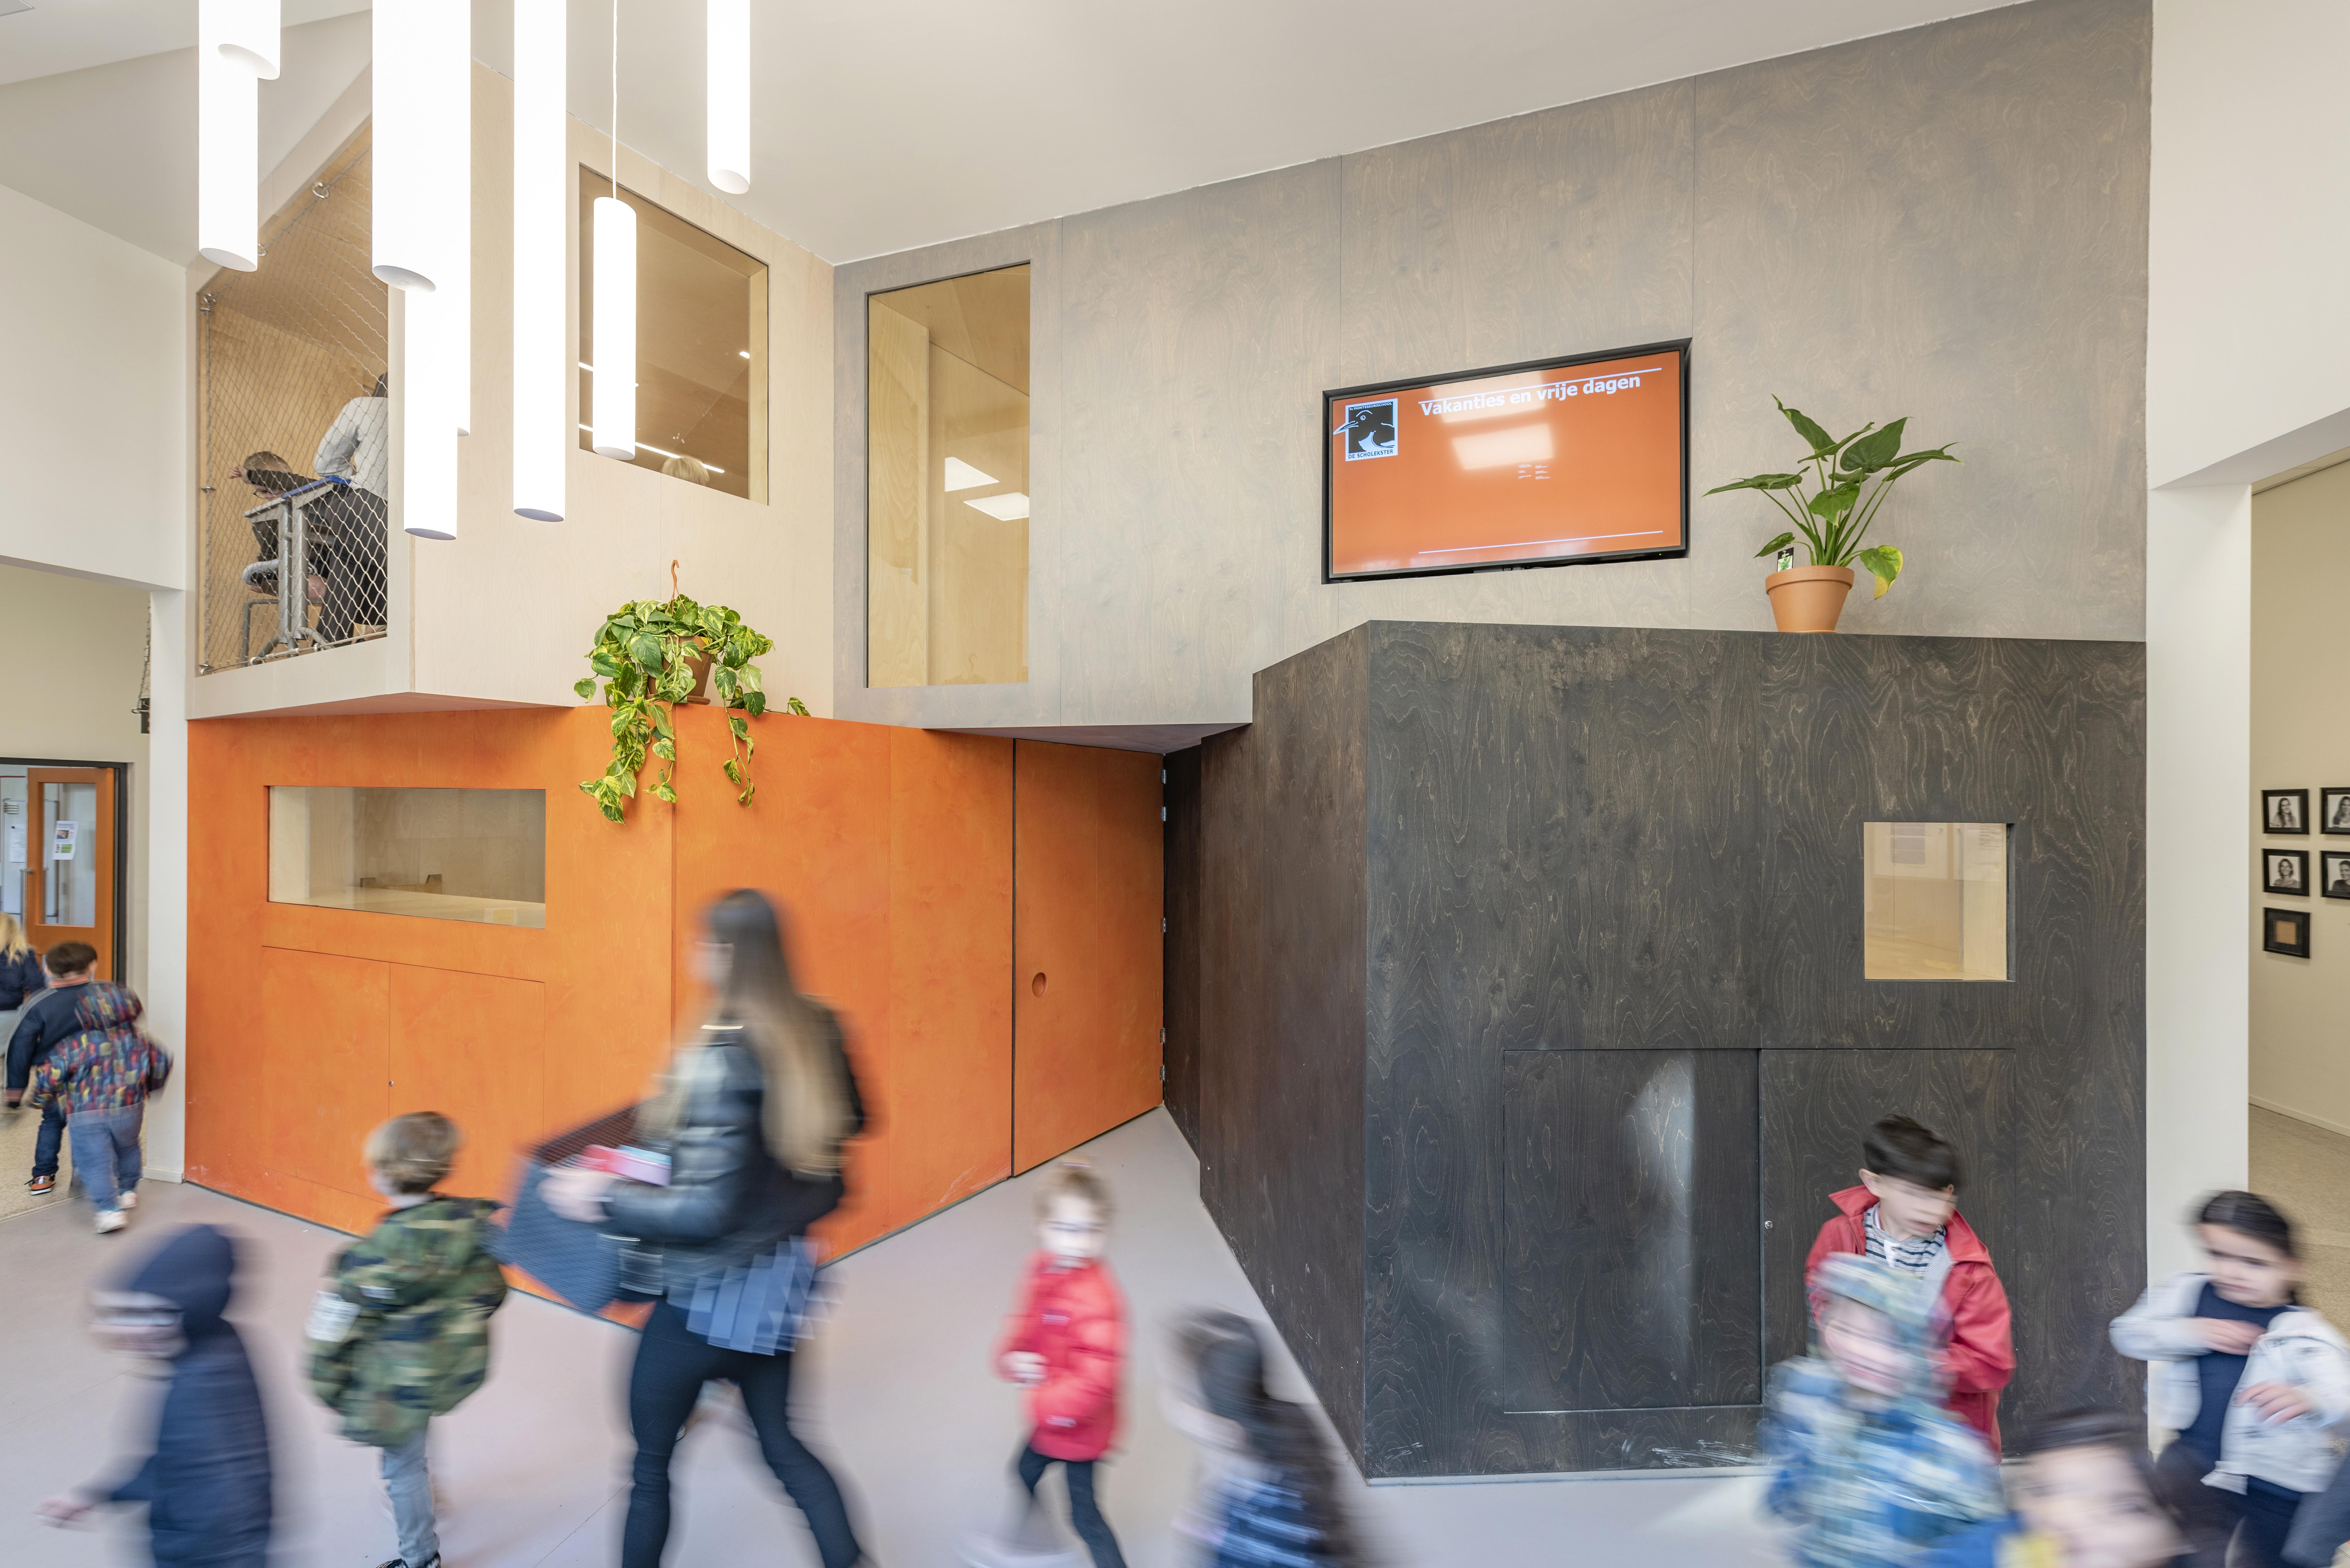 <p>26-04-2019, Amsterdam<br /> De Scholekster door Heren5 Architecten<br /> foto en copyright Leonard Fäustle</p>